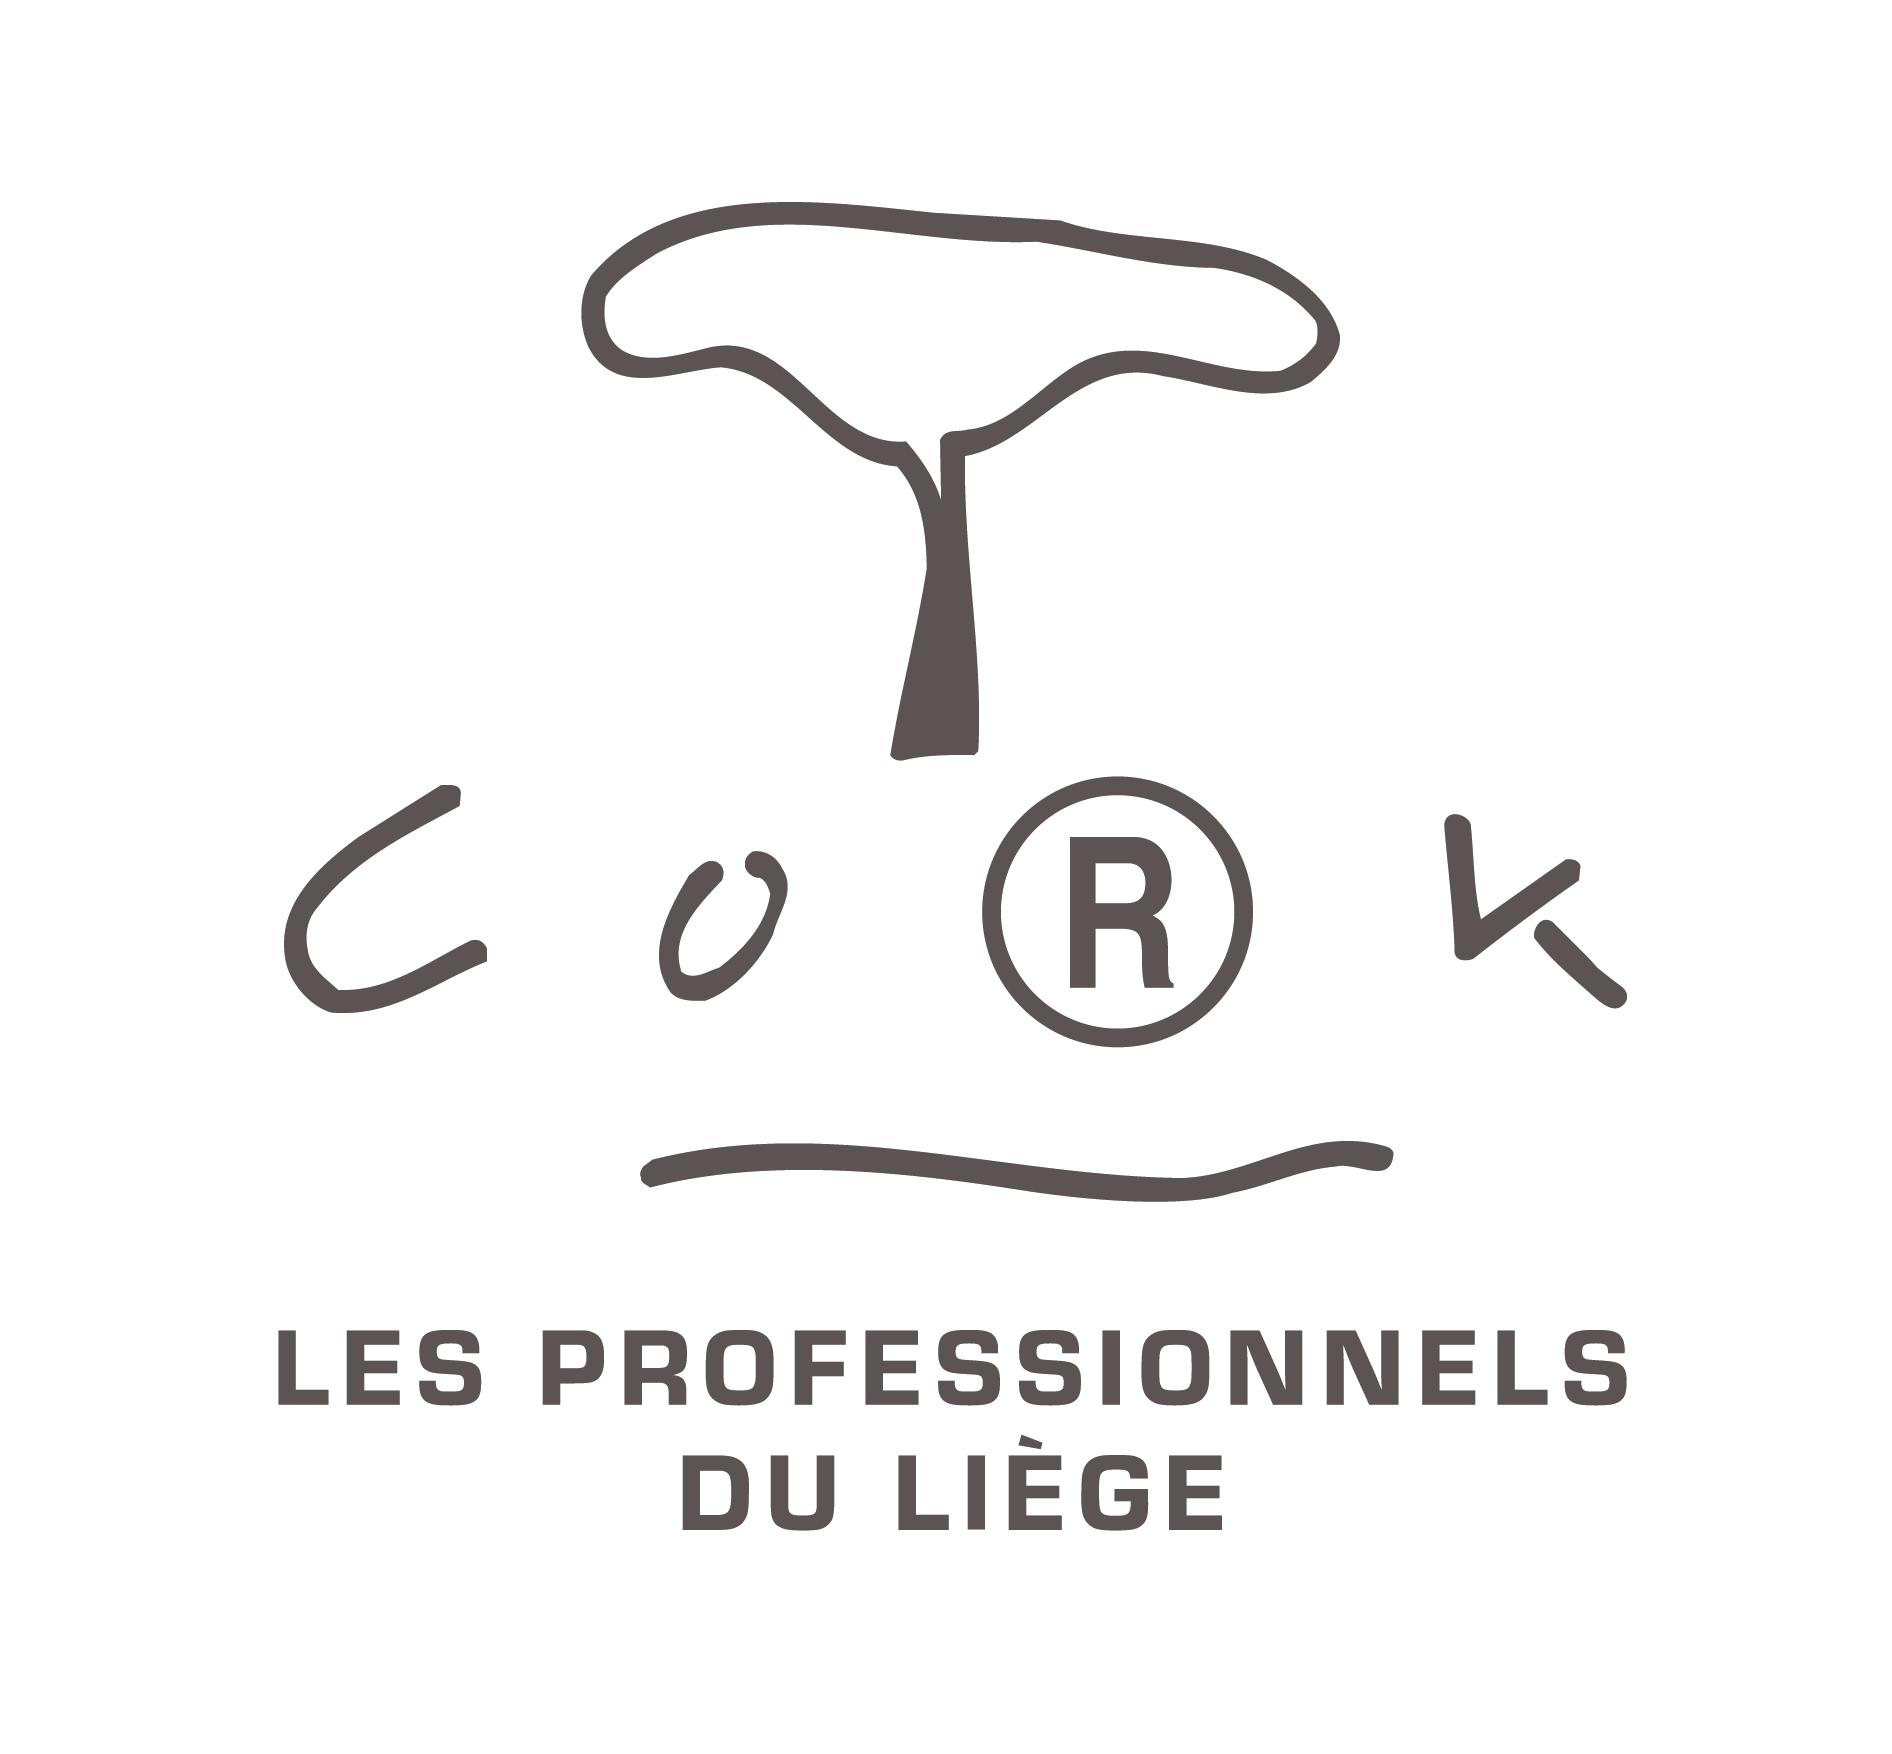 Les Professionnels du Liège